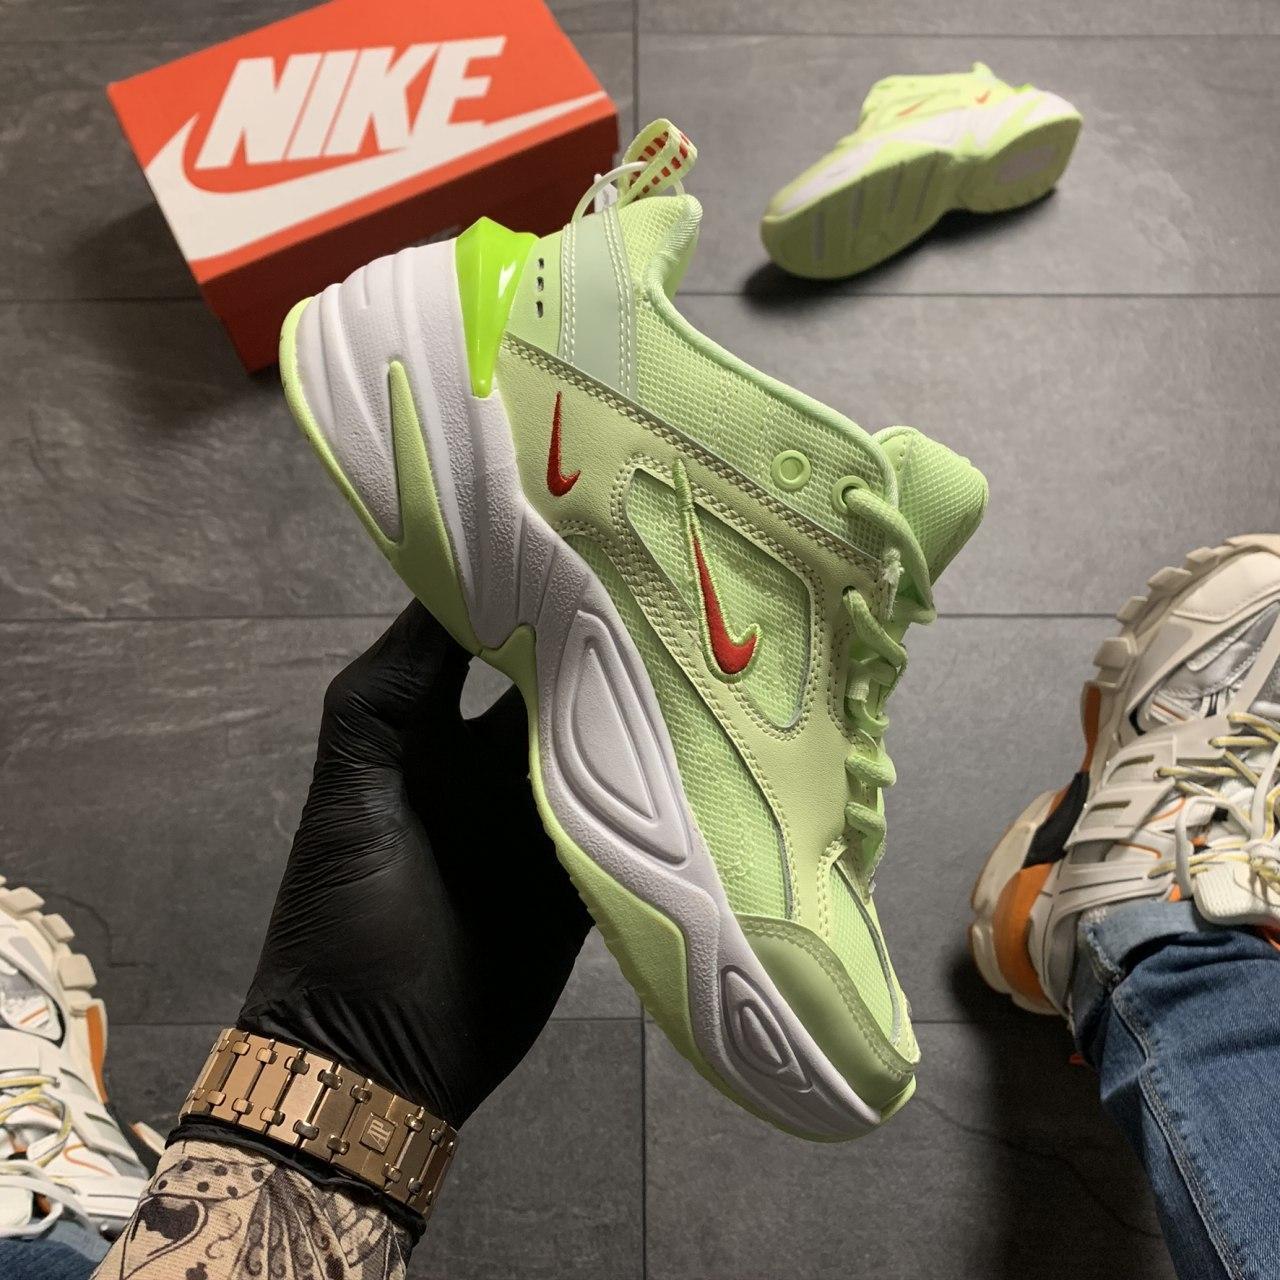 Женские кроссовки Nike M2K Tekno Light Green, Женские Найк М2К Текно Зеленые Кожаные